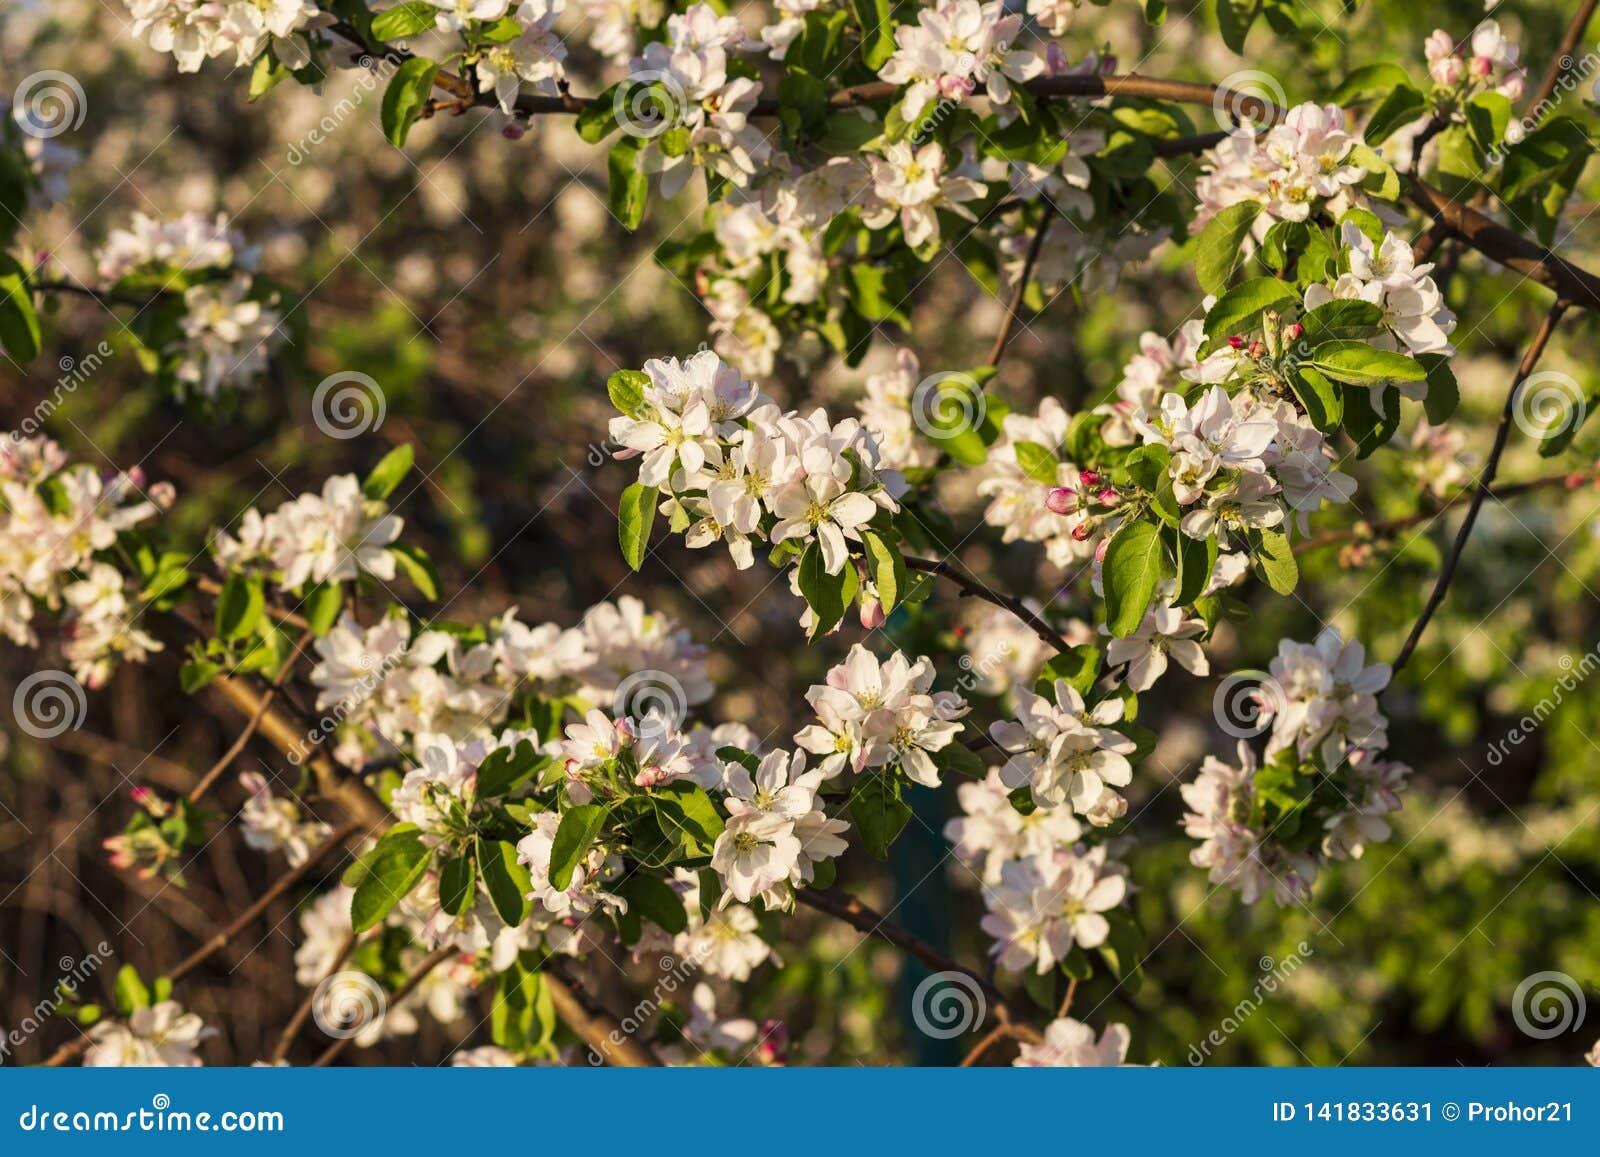 Foto van een bloeiende appelboom